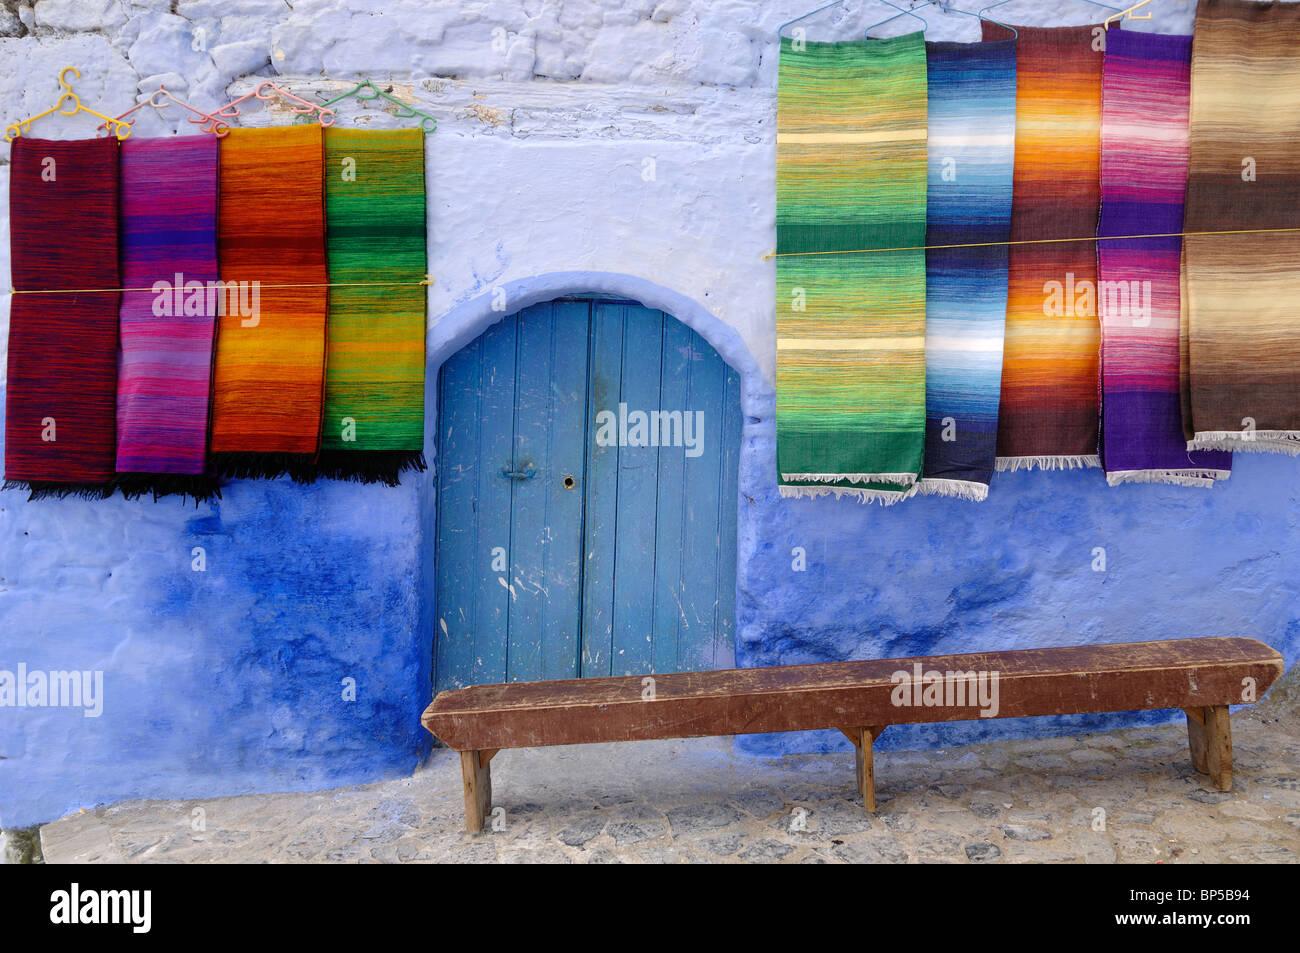 La visualizzazione di tessuti colorati tappeti tappeti sospesi o tappeti per la vendita, blu porta e panca in legno, Immagini Stock